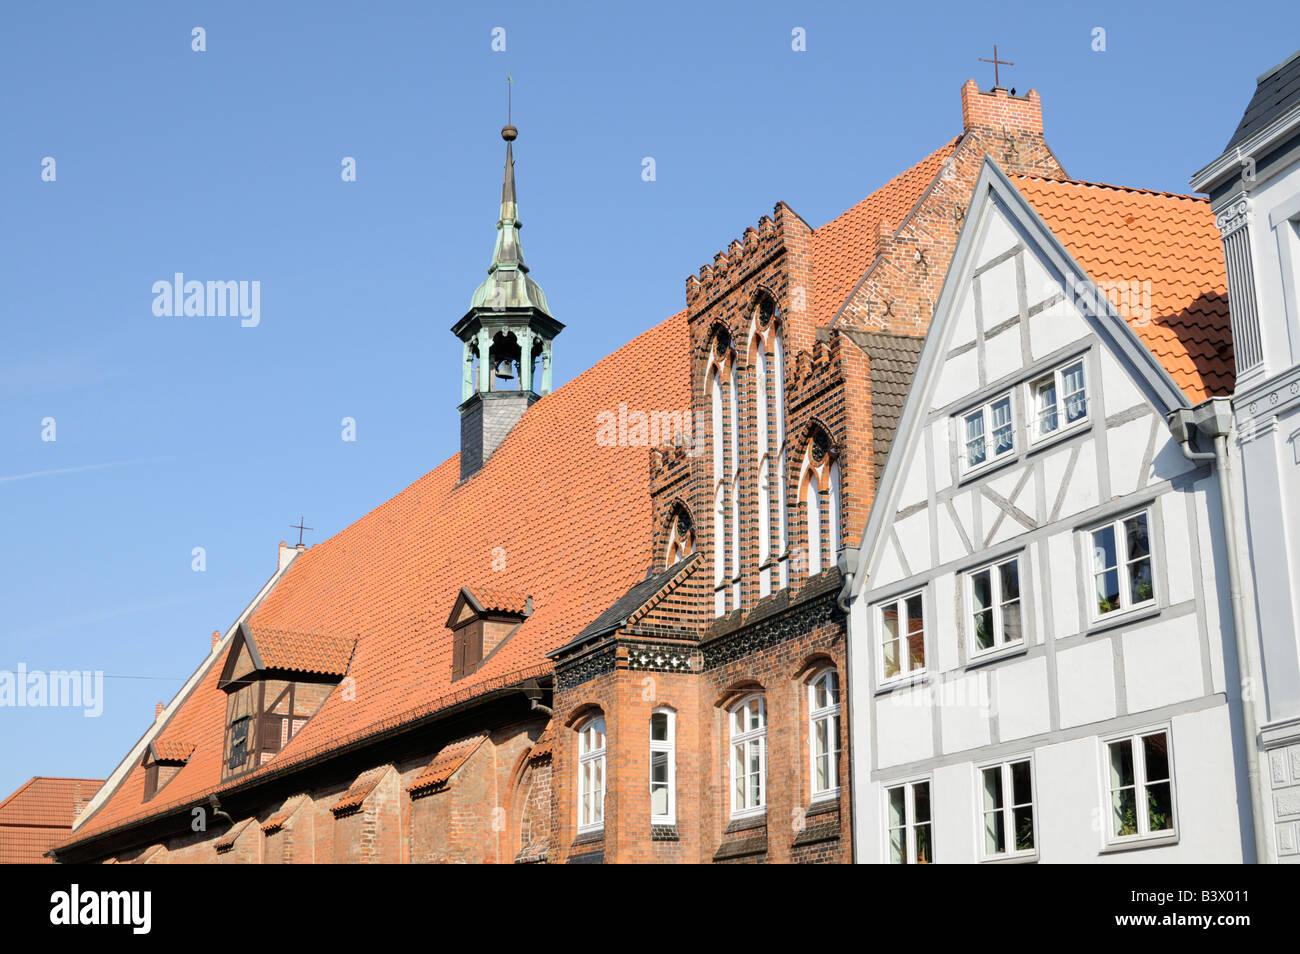 Heiligen Geist Kirche in Wismar Deutschland Holy Ghost Church in Wismar Germany - Stock Image